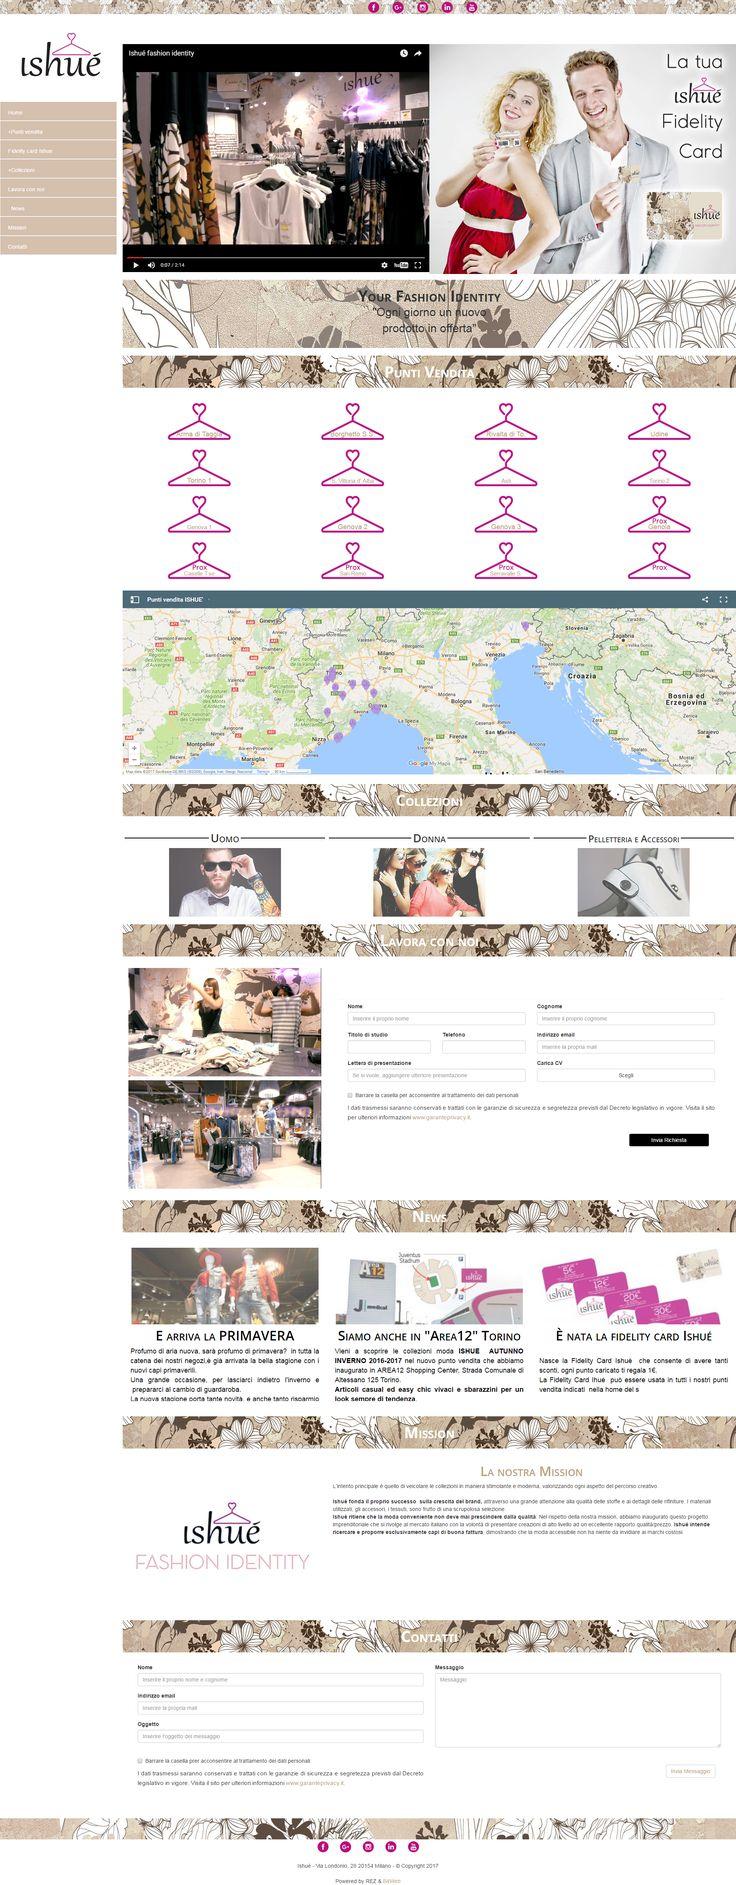 Ishué è una catena di negozi di abbigliamento con un approccio al cliente molto evoluto. L'intento principale del nostro cliente era quello di veicolare le collezioni in maniera stimolante e moderna, valorizzando ogni aspetto del percorso creativo. Noi abbiamo soddisfatto le sue richieste creando un sito web con i più moderni tipi di contenuto e collegandolo al nostro sistema di gestione delle carte fedeltà.